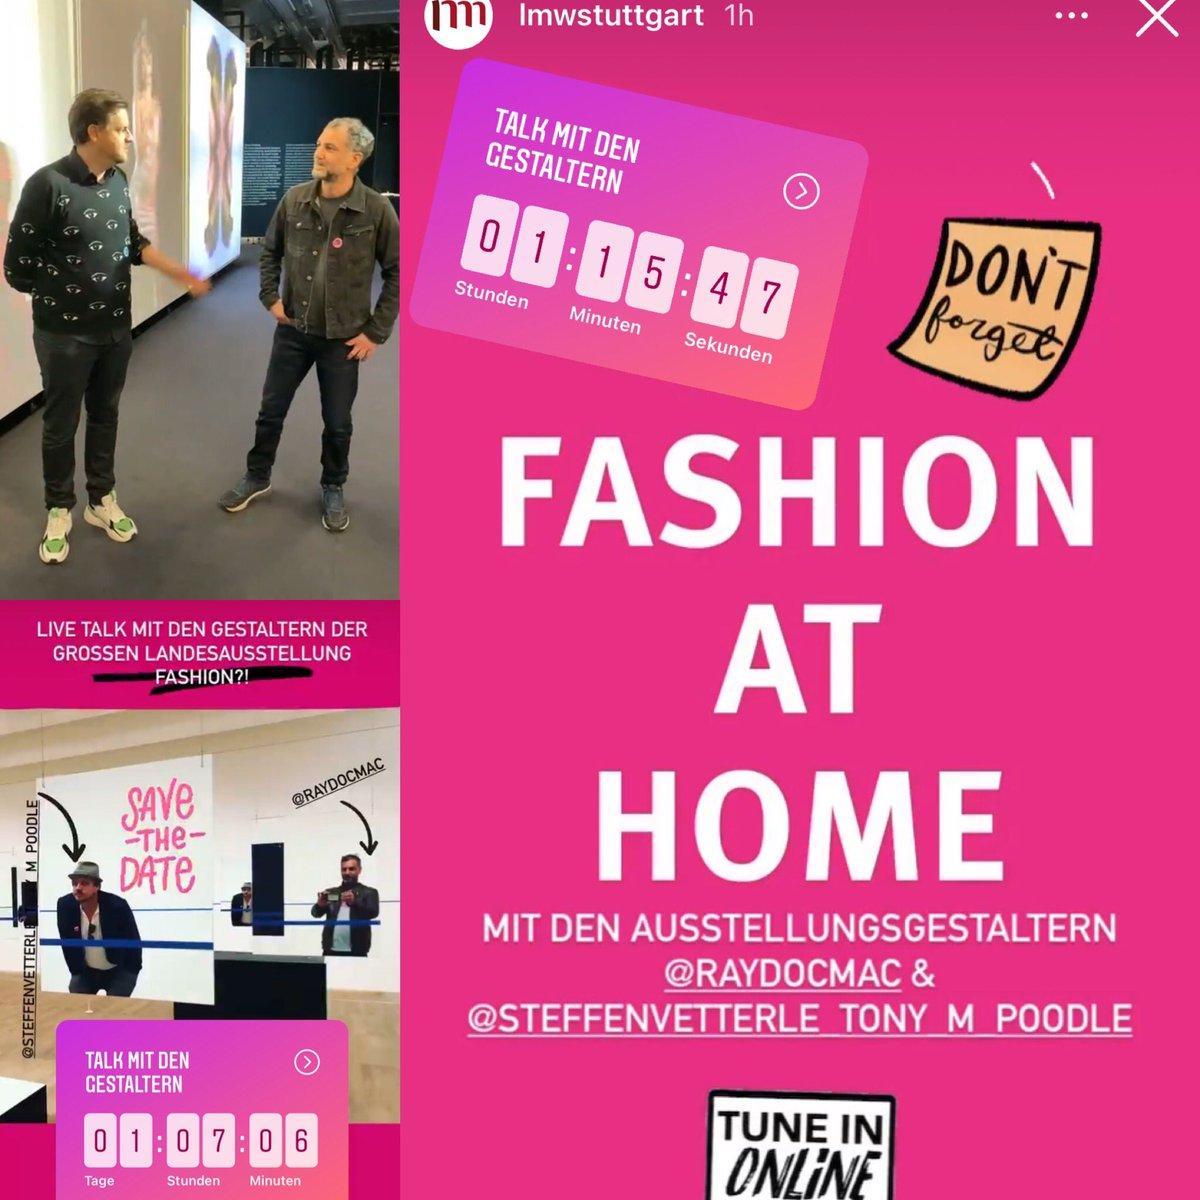 """#Fashion at home-dank @LMWStuttgart! Die #Ausstellung """"Fashion?! Was Mode zu #Mode macht""""der KollegInnen aus Stuttgart hatte erst knapp zehn Öffnungstage.Hier berichteten nun die Ausstellungsgestalter vom Prozess der Entstehung!Dahinter stecken viel Zeit, Ideen (&Kosten)! #Museum"""